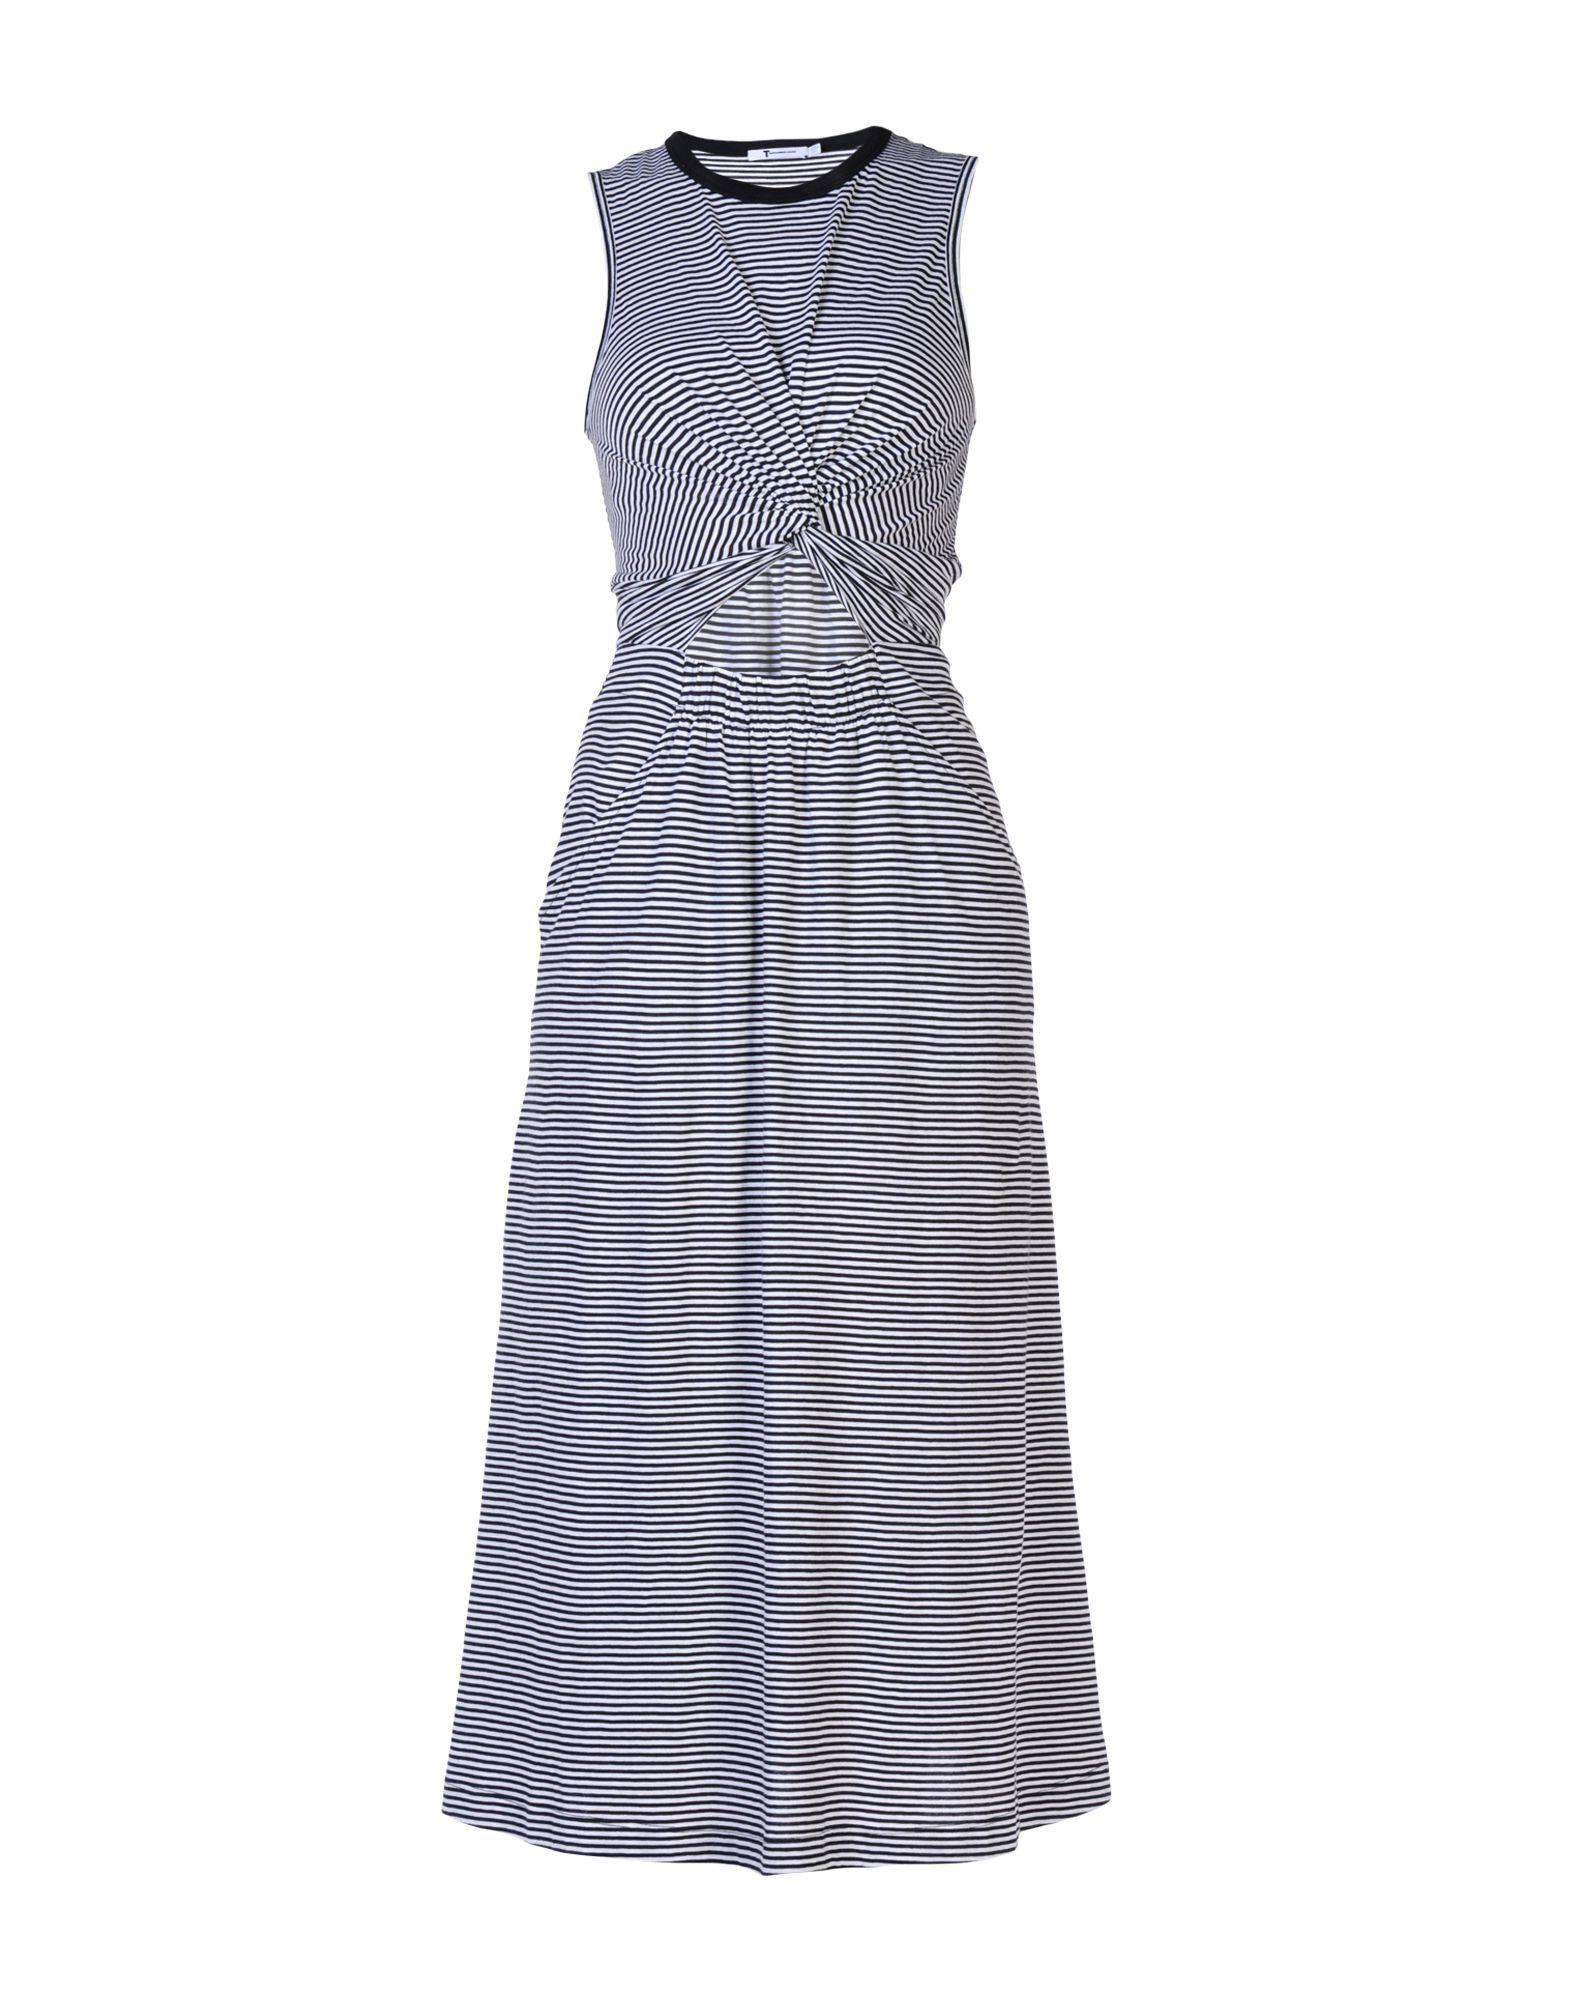 T by ALEXANDER WANG Платье длиной 3/4 t by alexander wang короткое платье в полоску